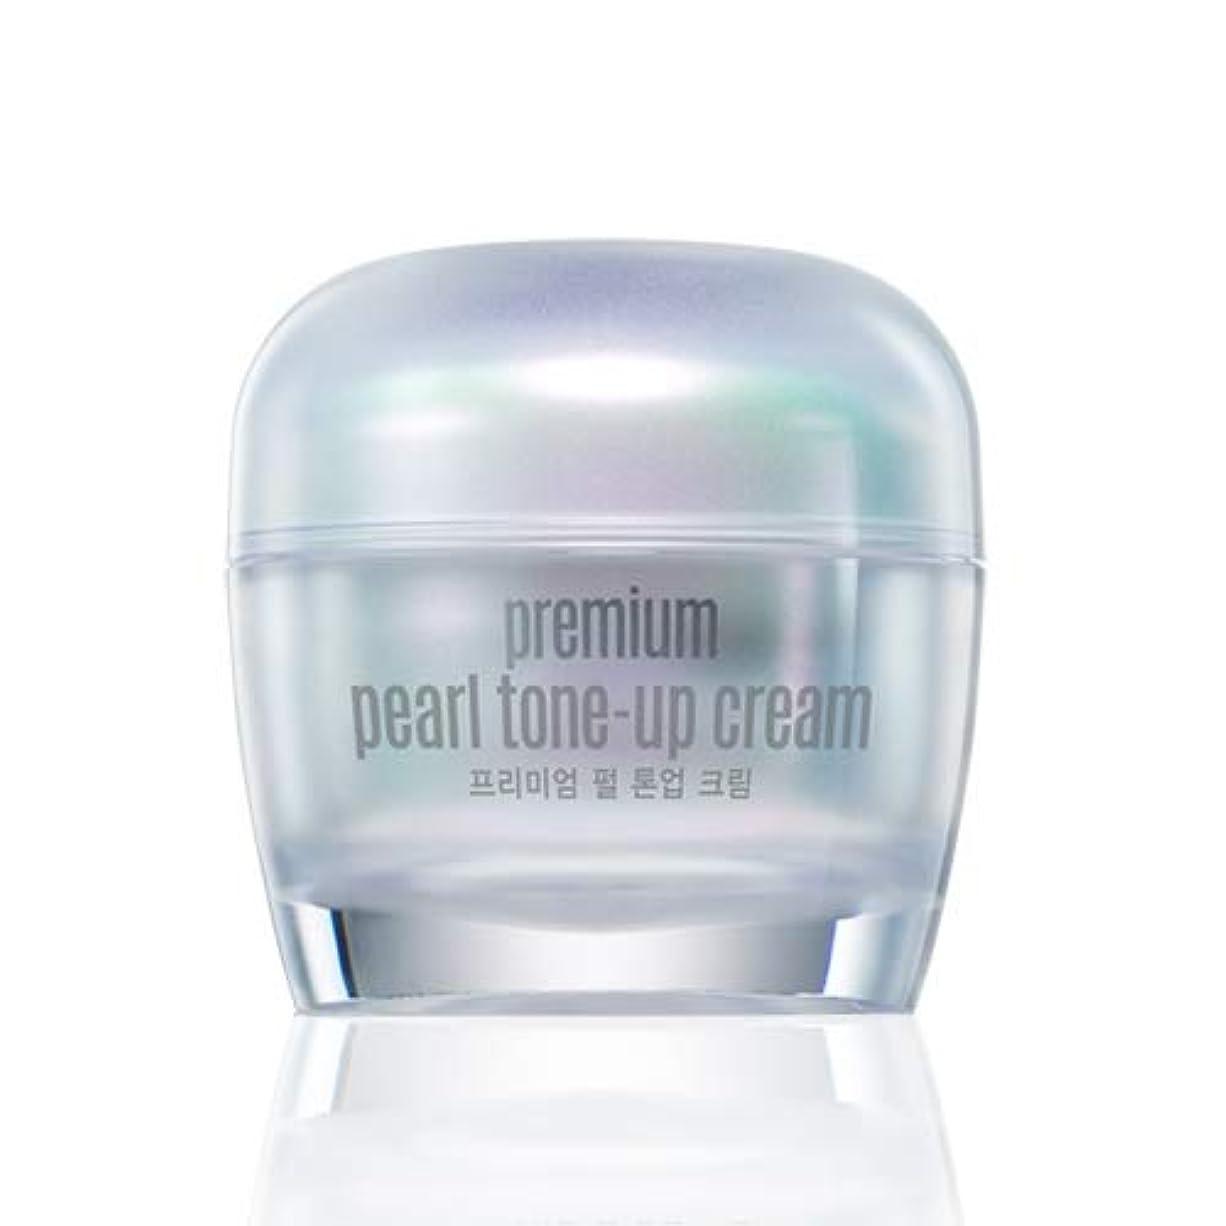 壮大な果てしないもろいグーダル プレミアム パール トーンアップ クリーム50ml Goodal Premium Pearl Tone-up Cream [並行輸入品]